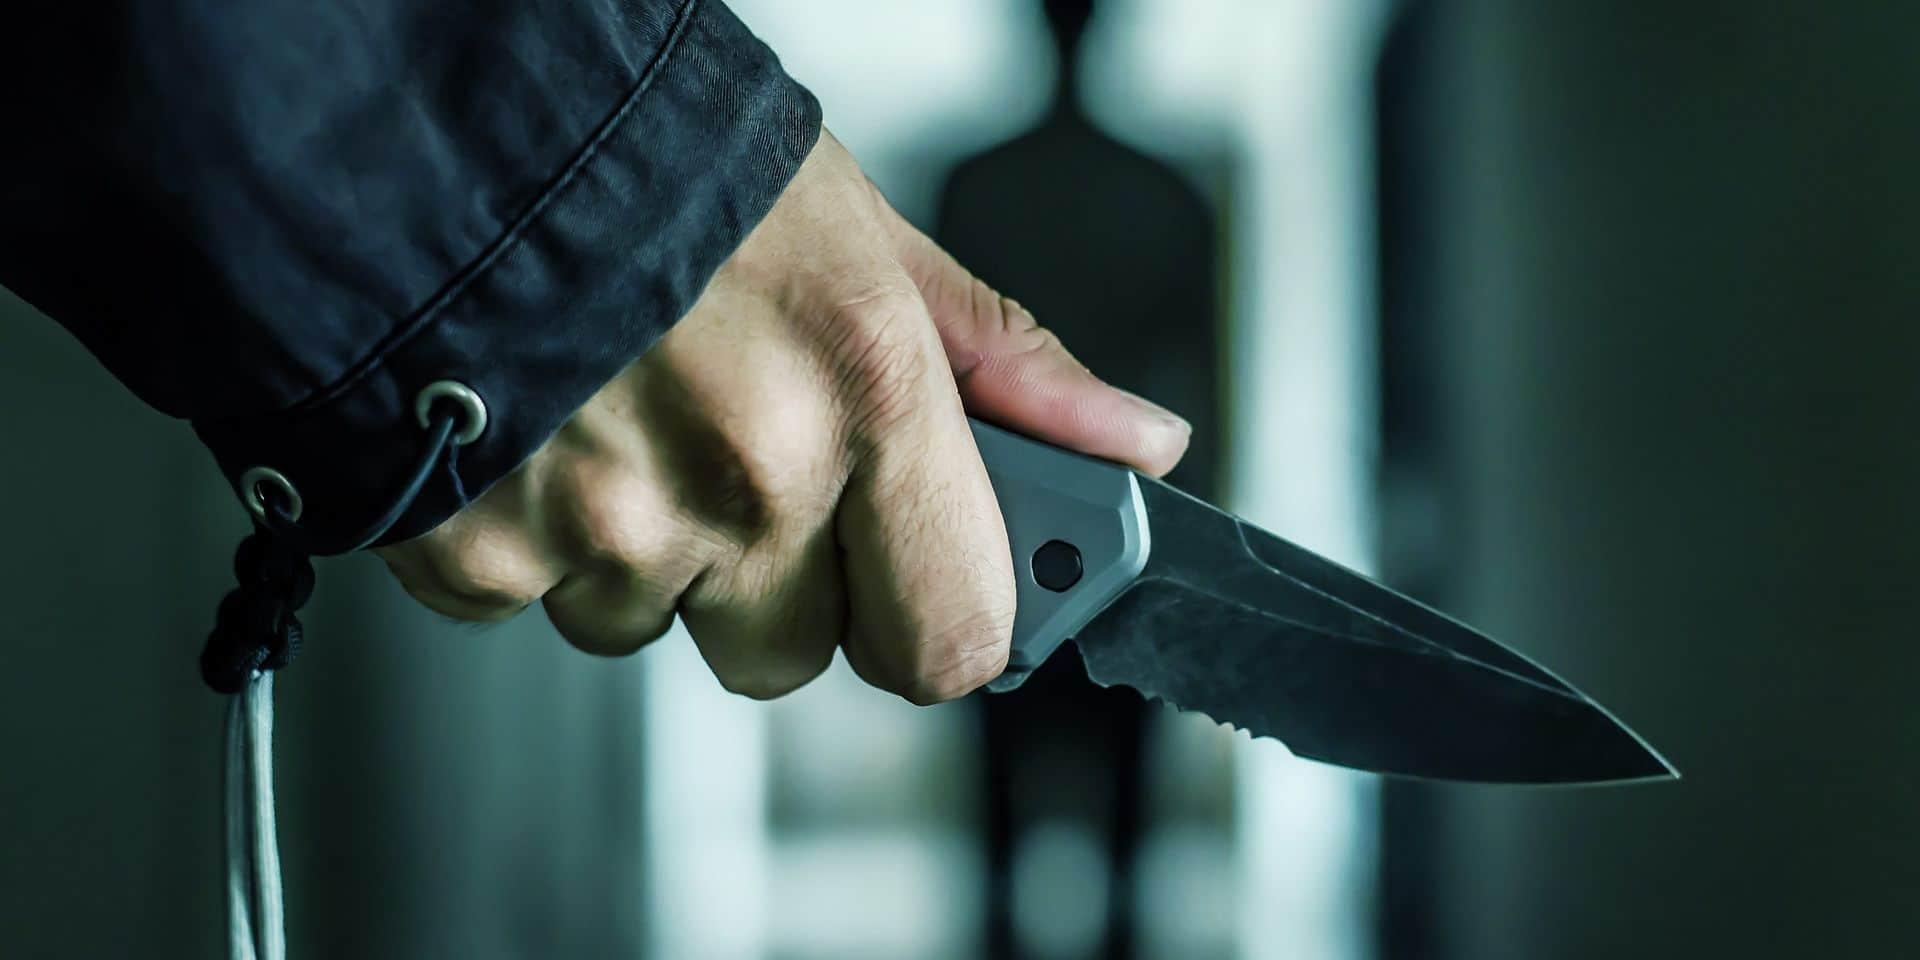 Grâce-Hollogne : un coup de couteau dans le thorax de son voisin